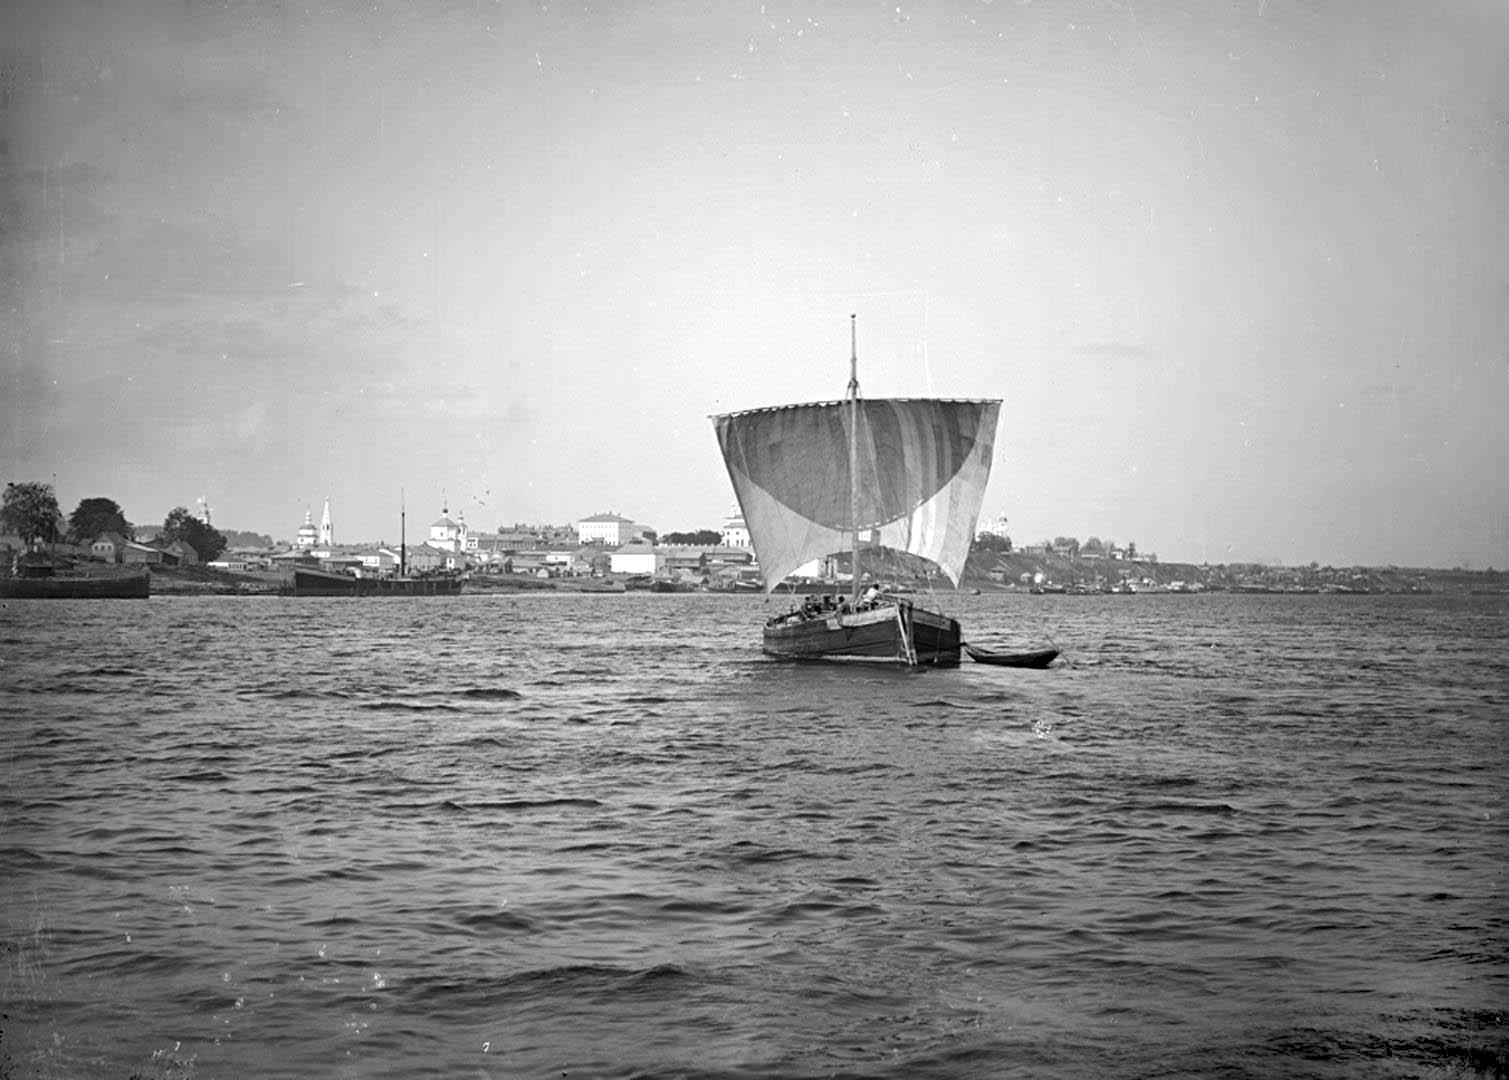 Общий вид города Кинешма. Расшива под парусами. 1894